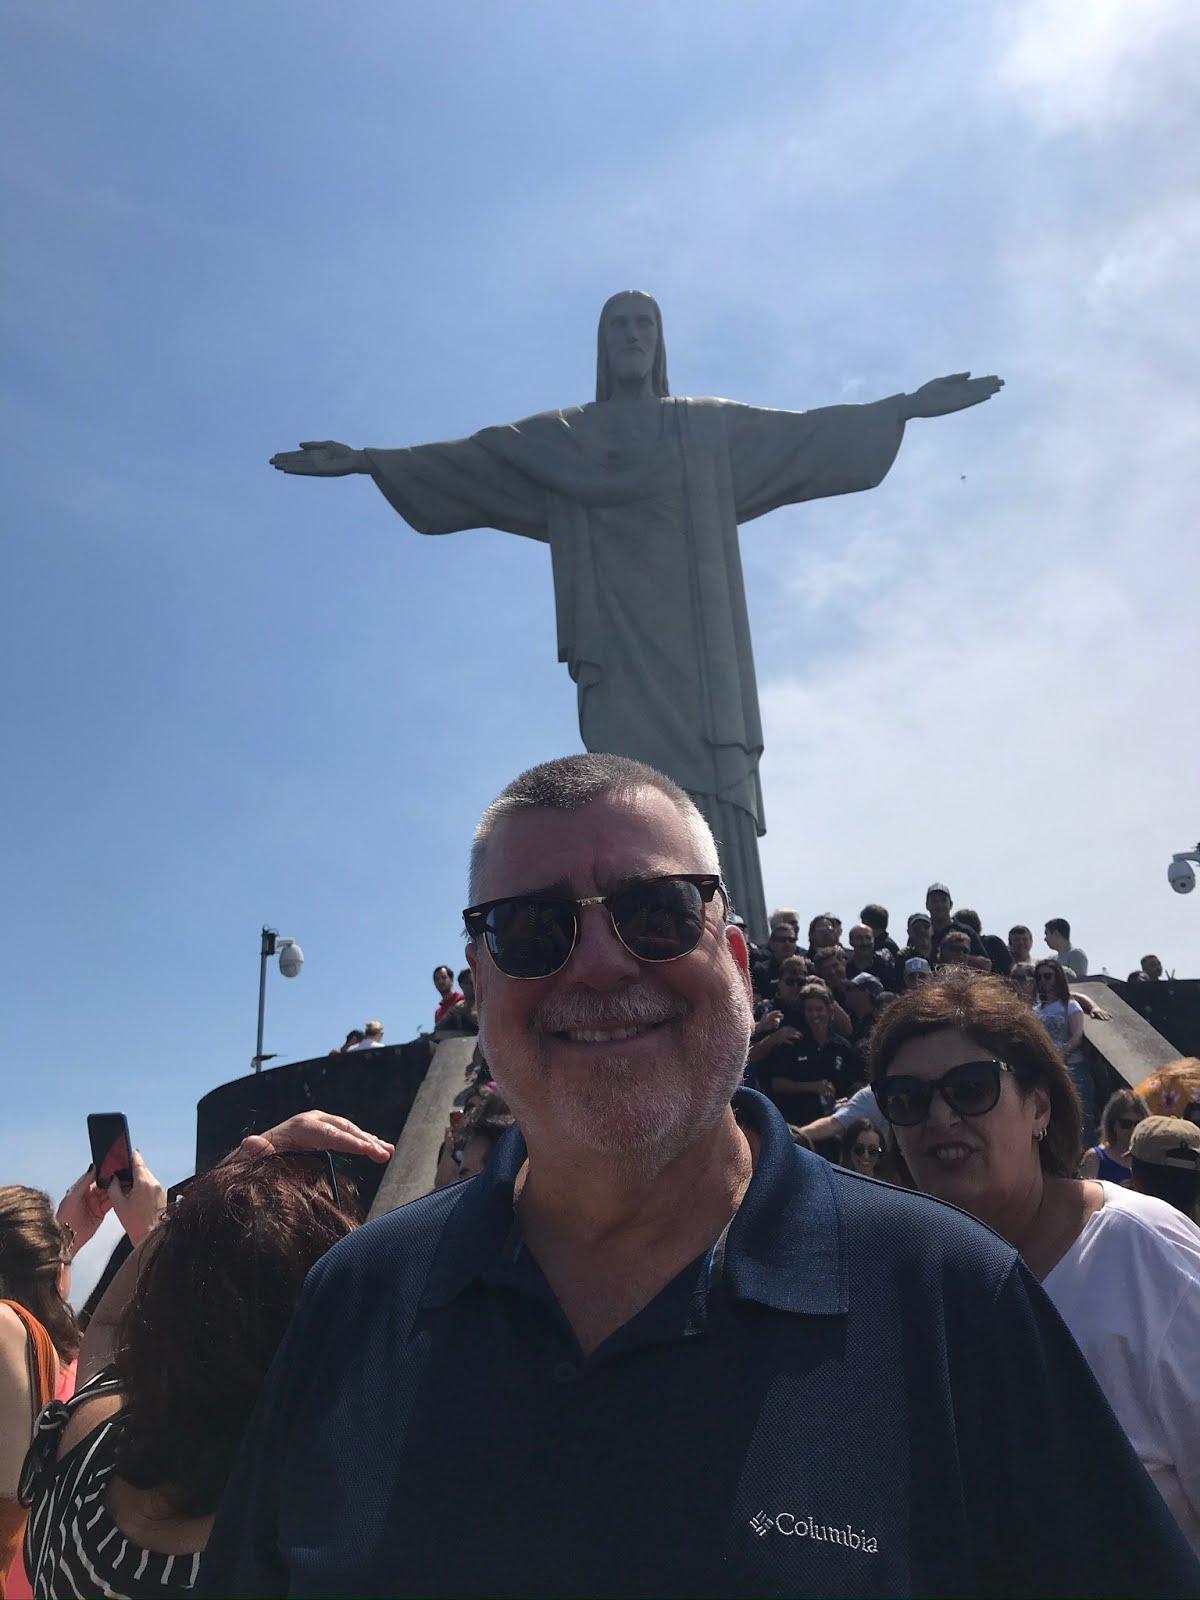 In Rio de Janeiro